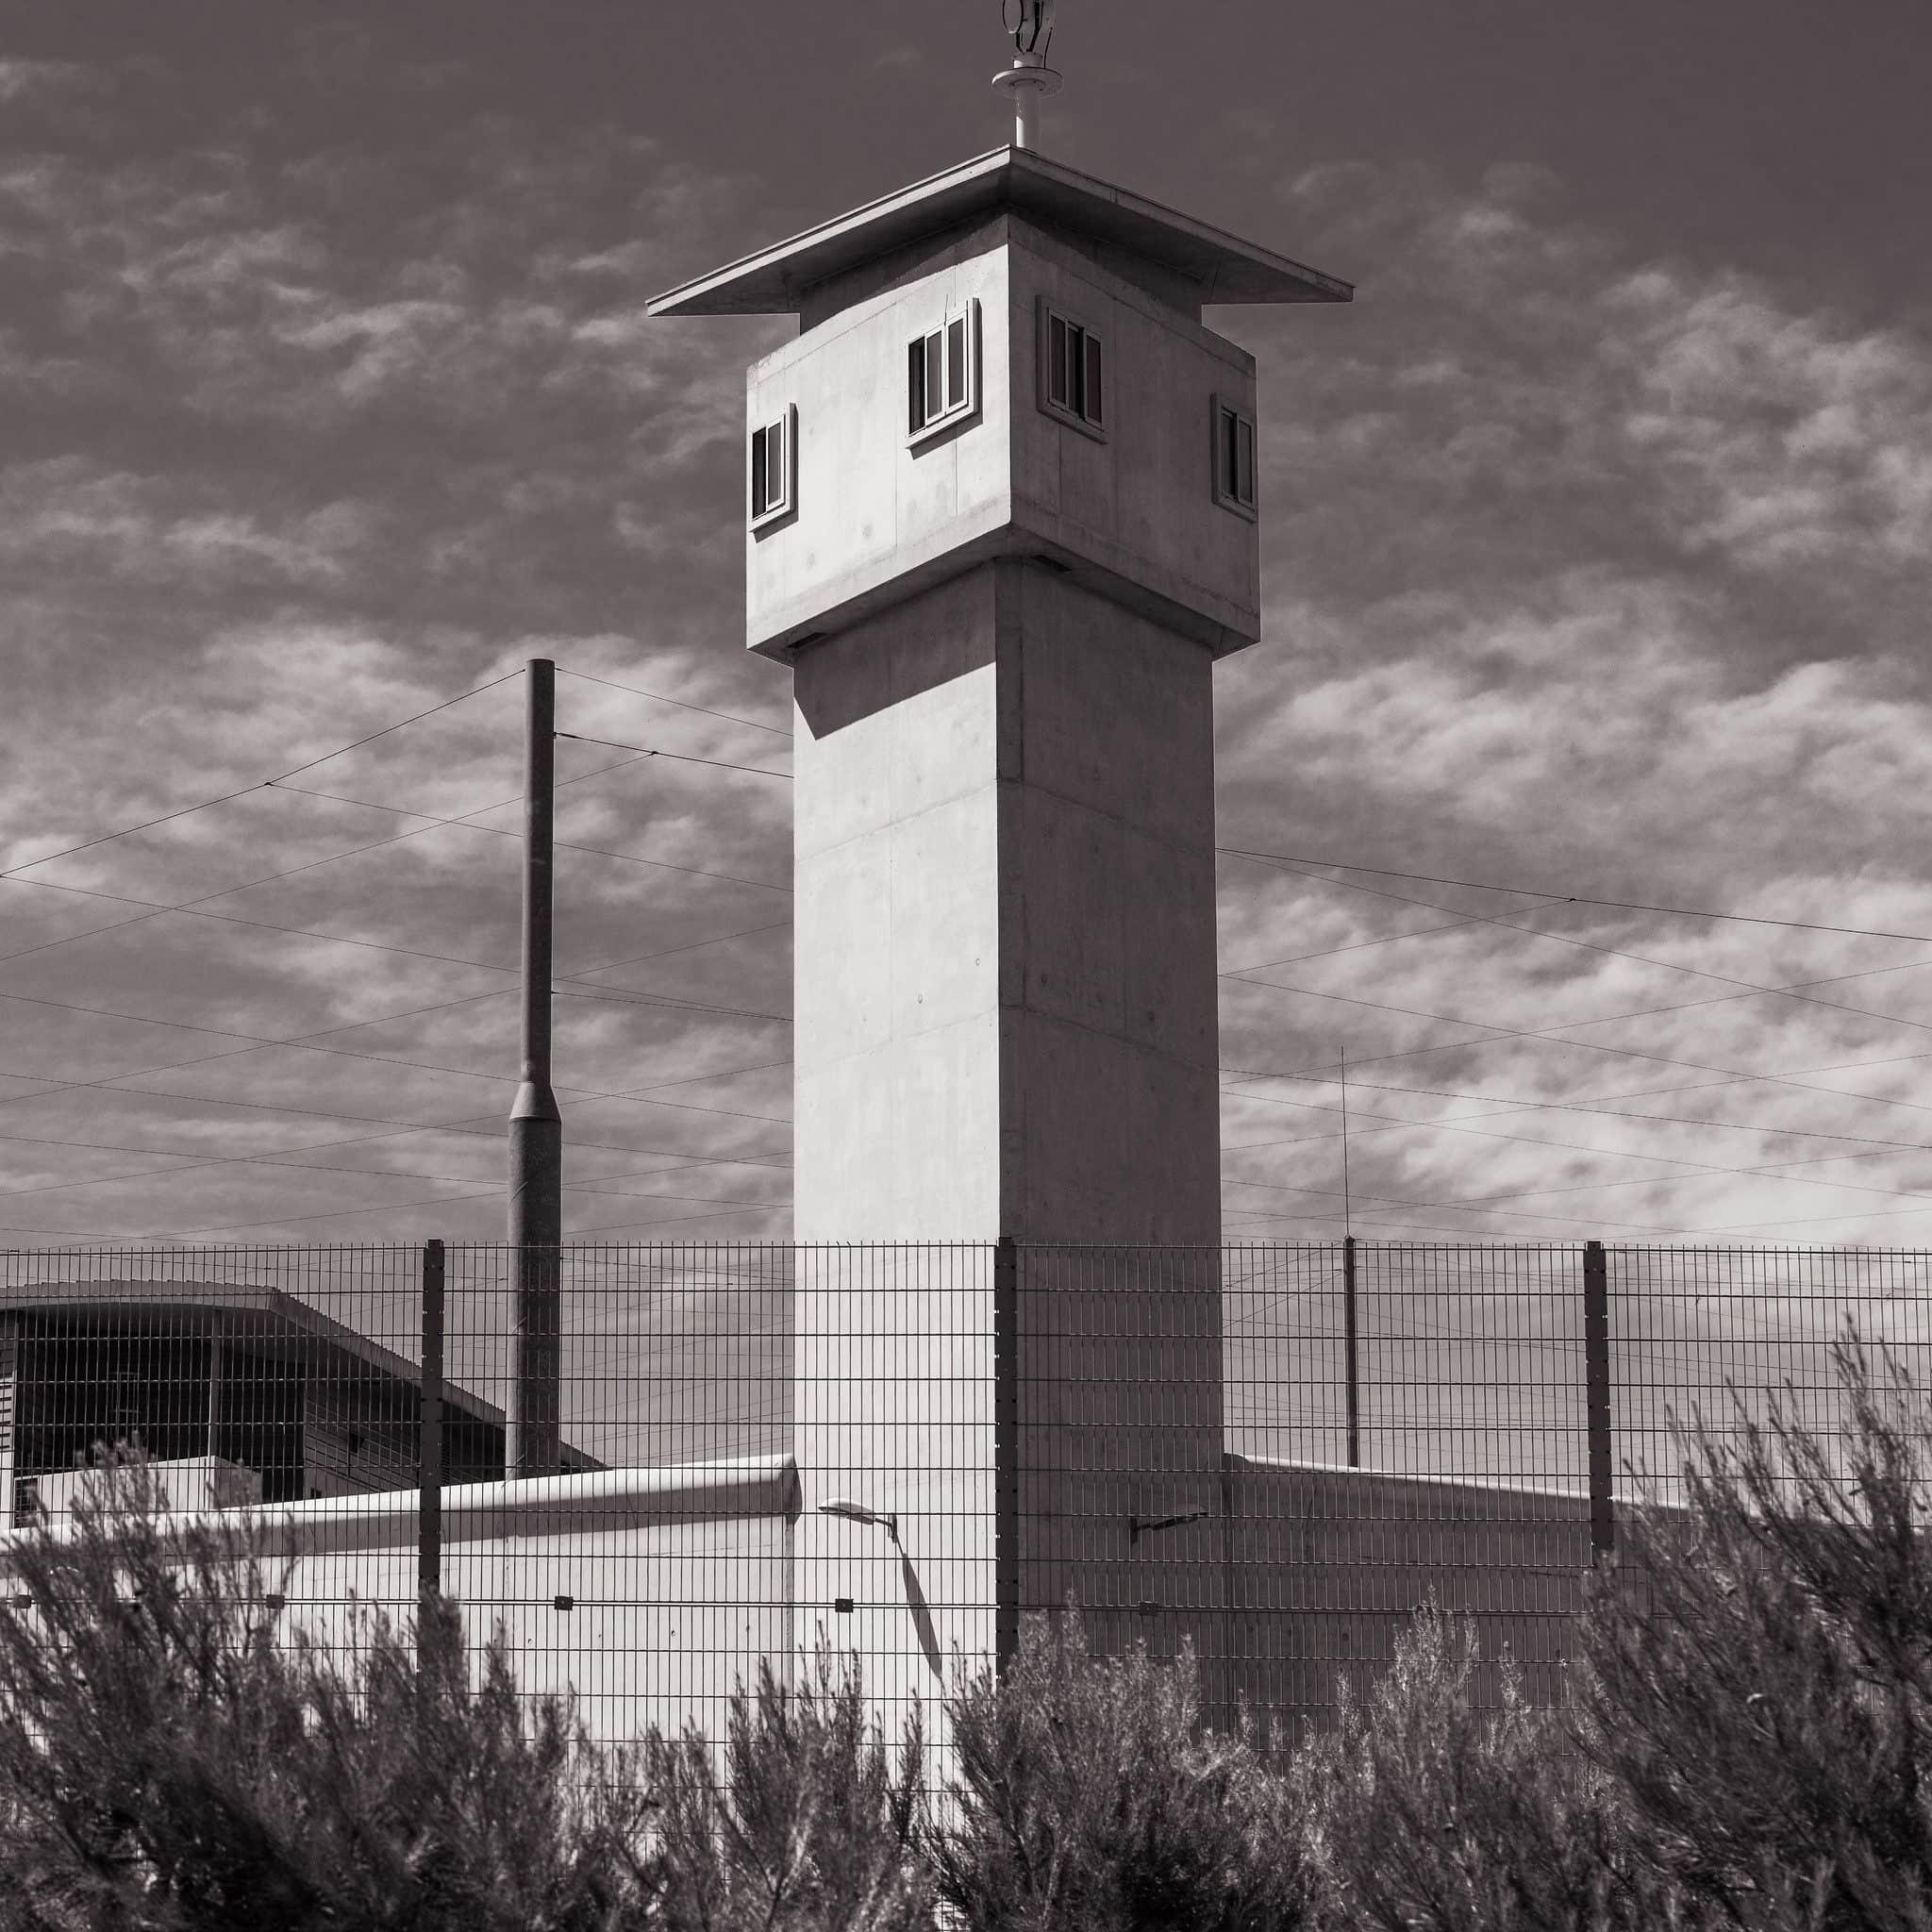 Le mirador d'une prison française CC x1klima/Flickr